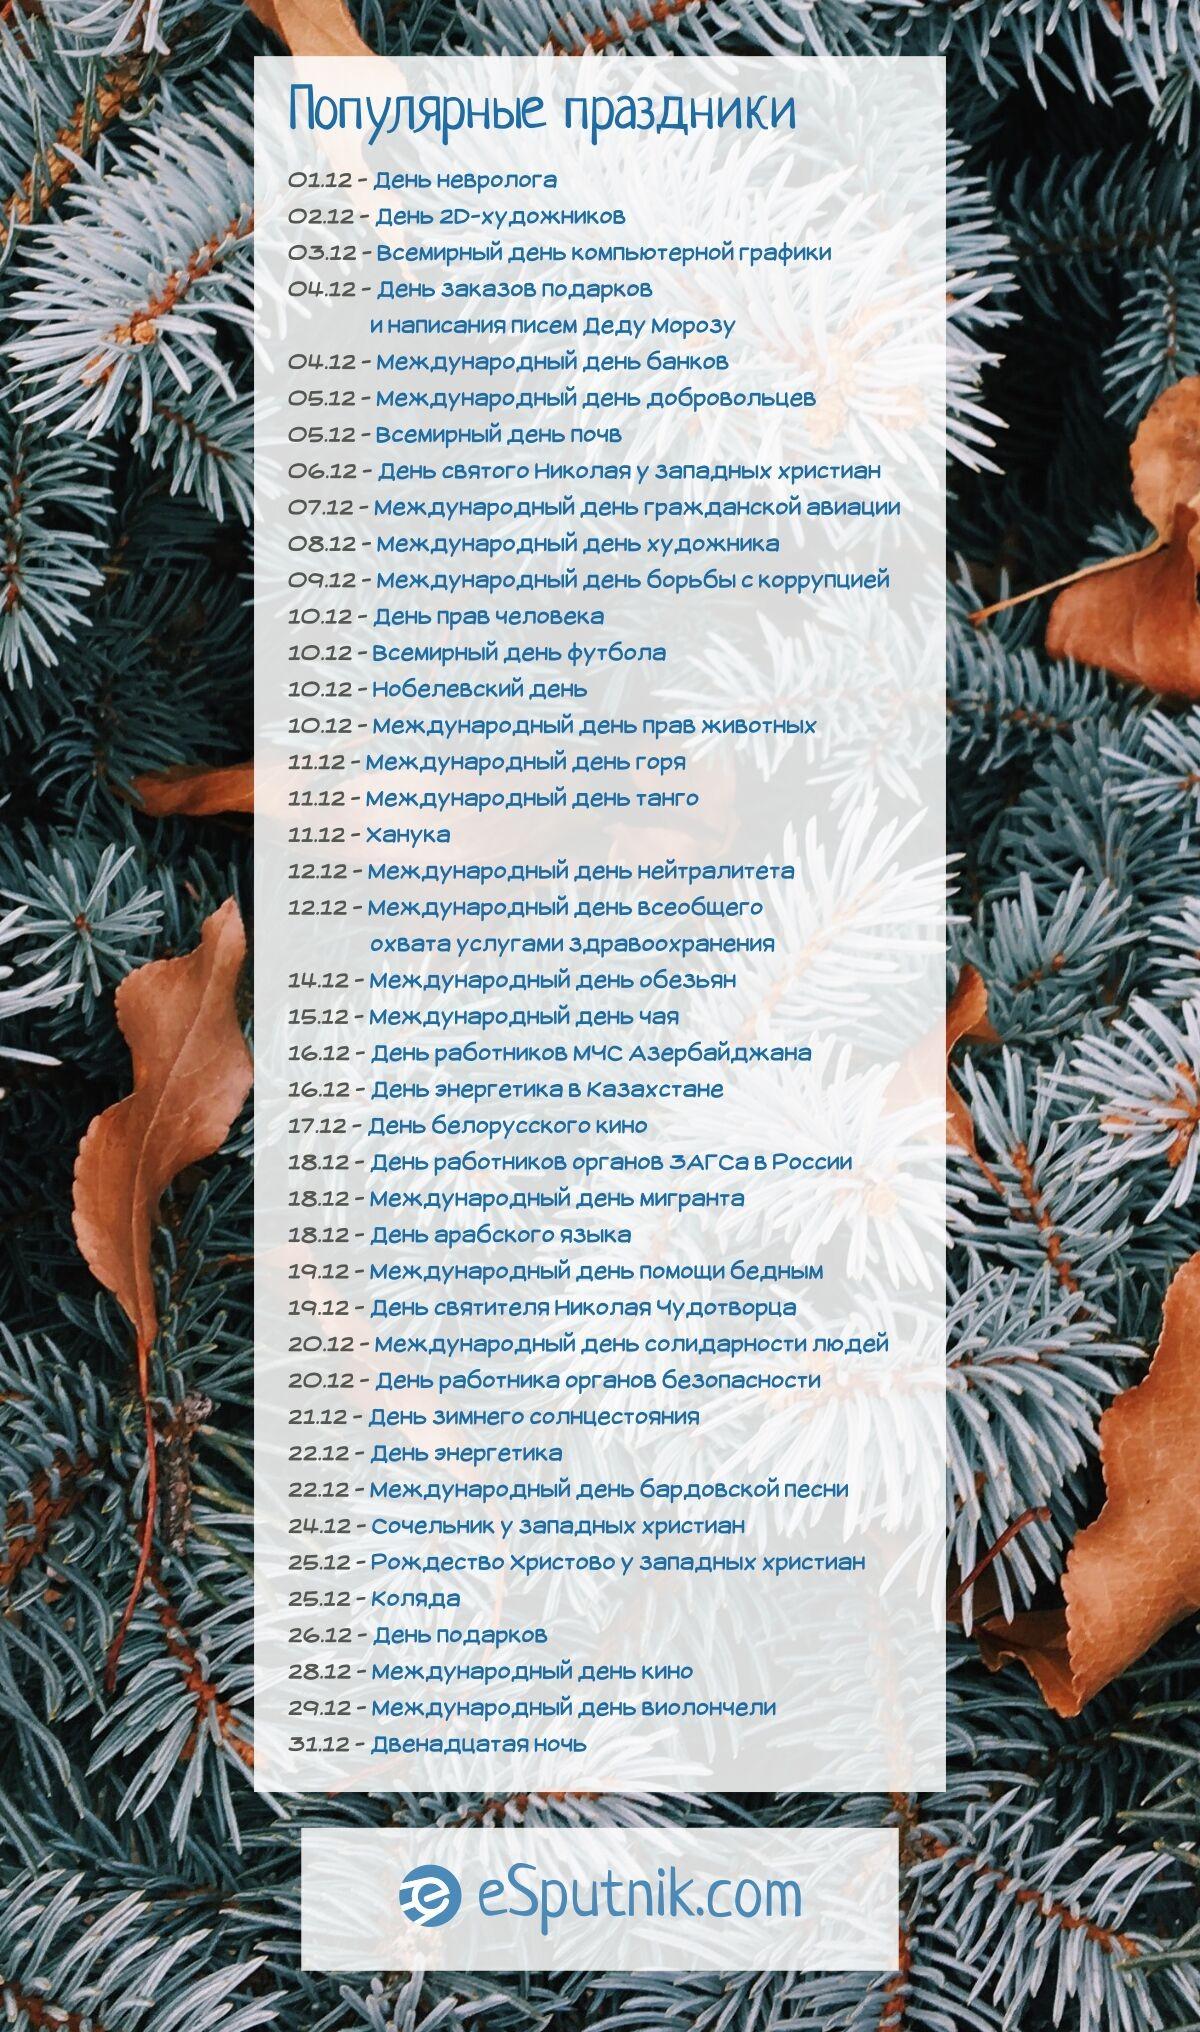 Популярные праздники